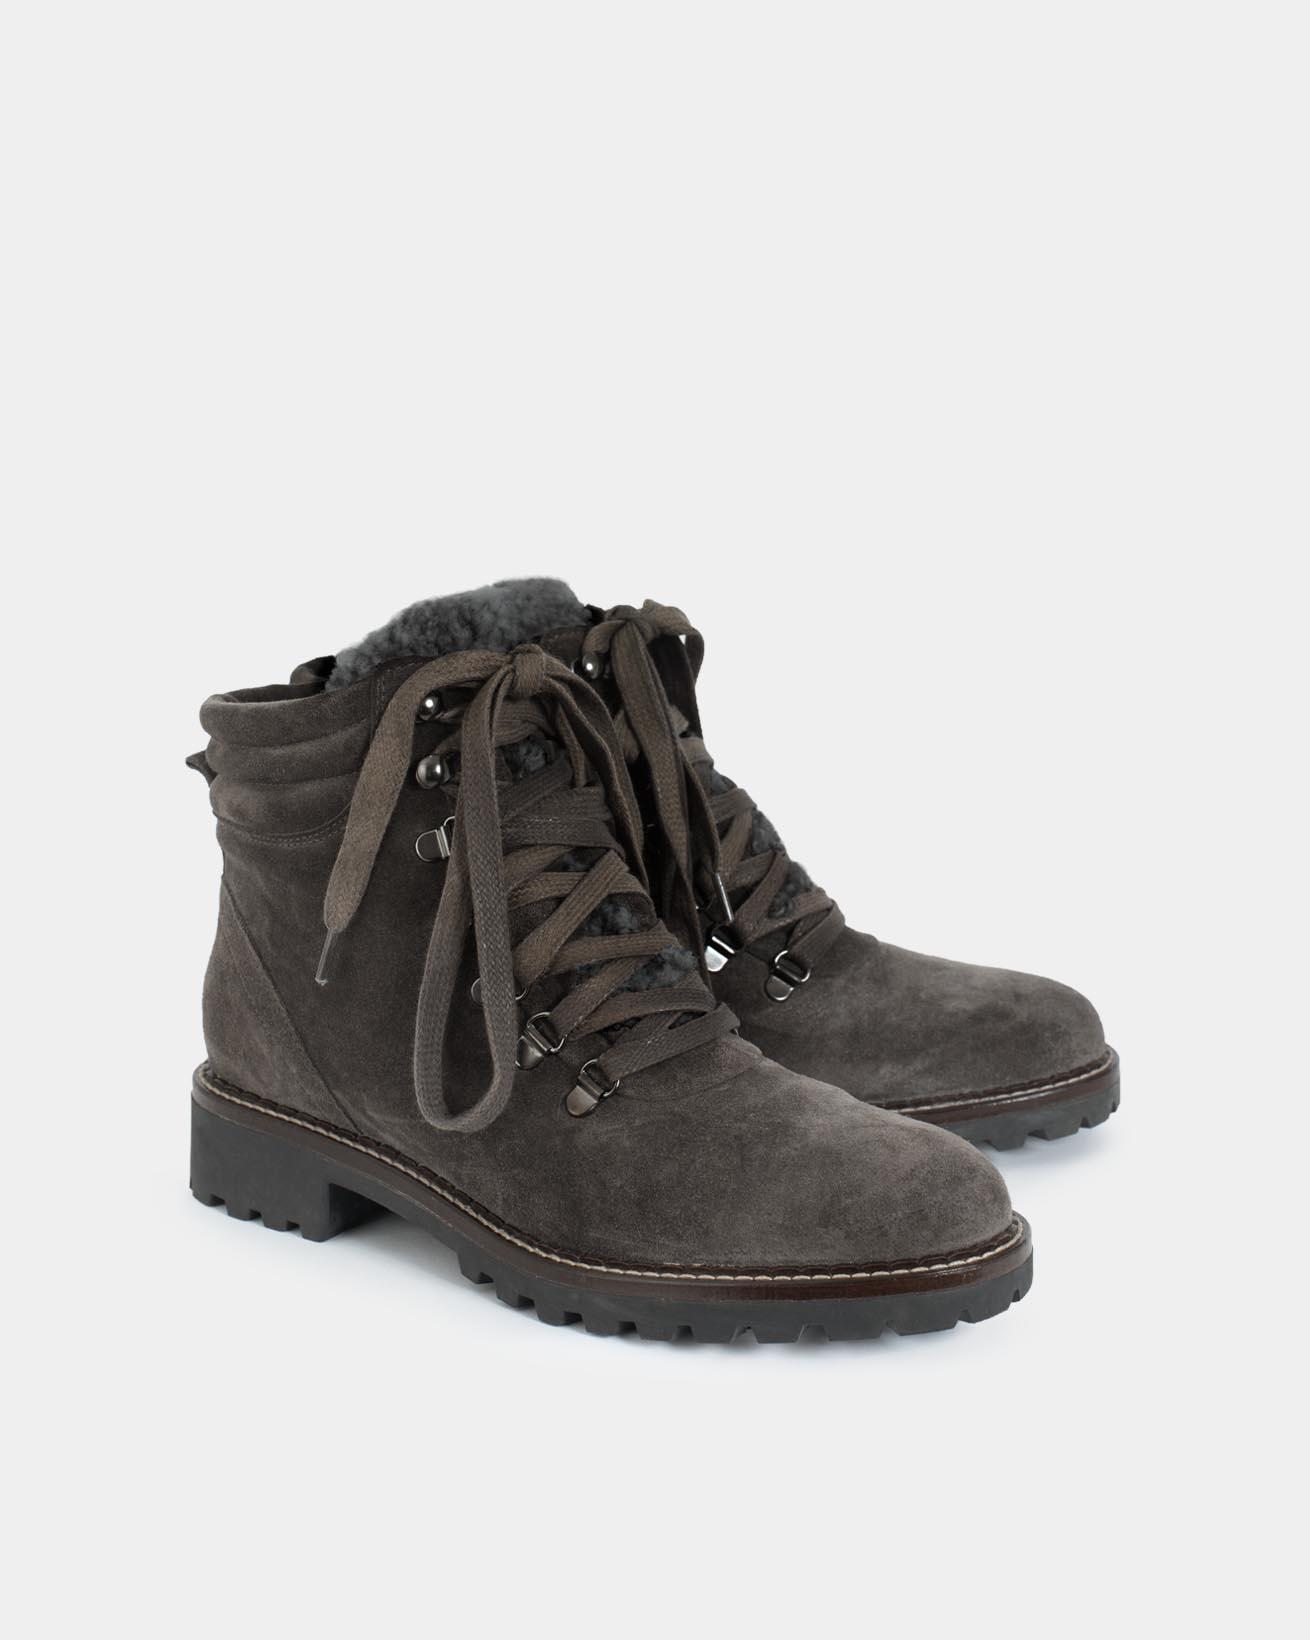 7621_hiker-boot_mid-grey_pair.jpg